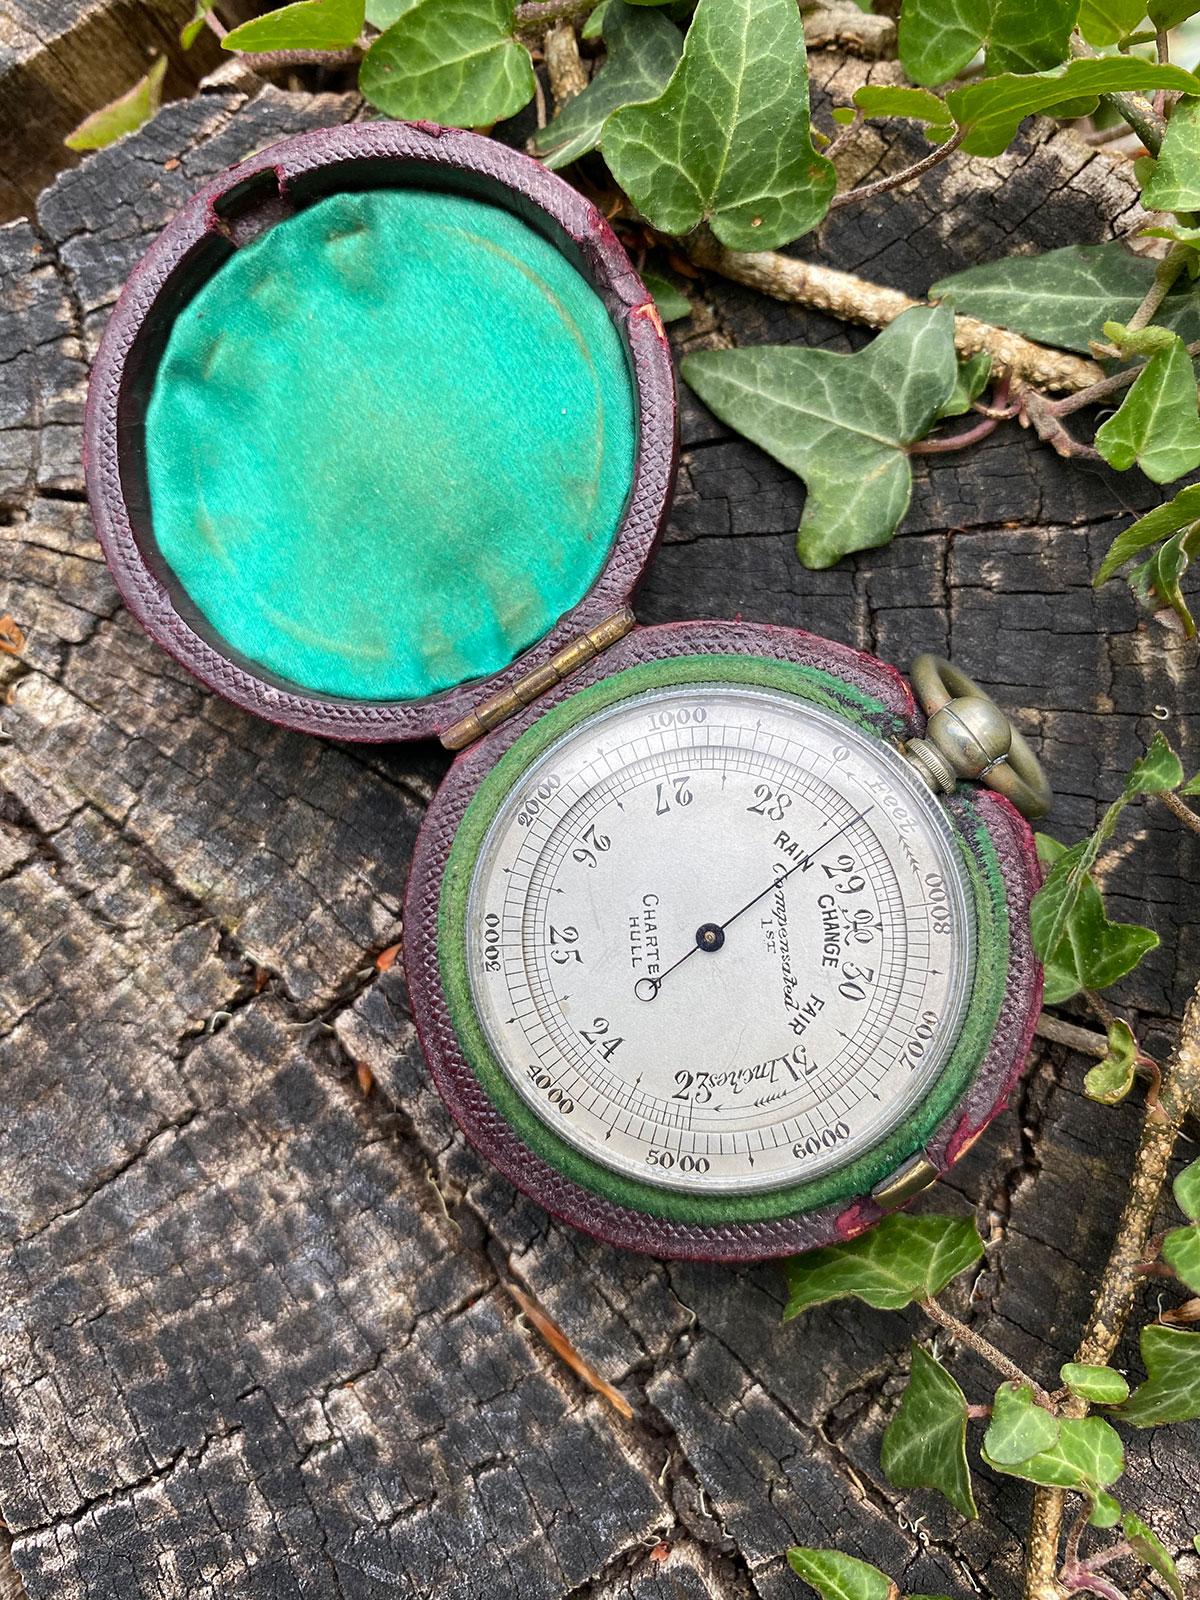 Aluminium Cased 19c Pocket Barometer Altimeter.